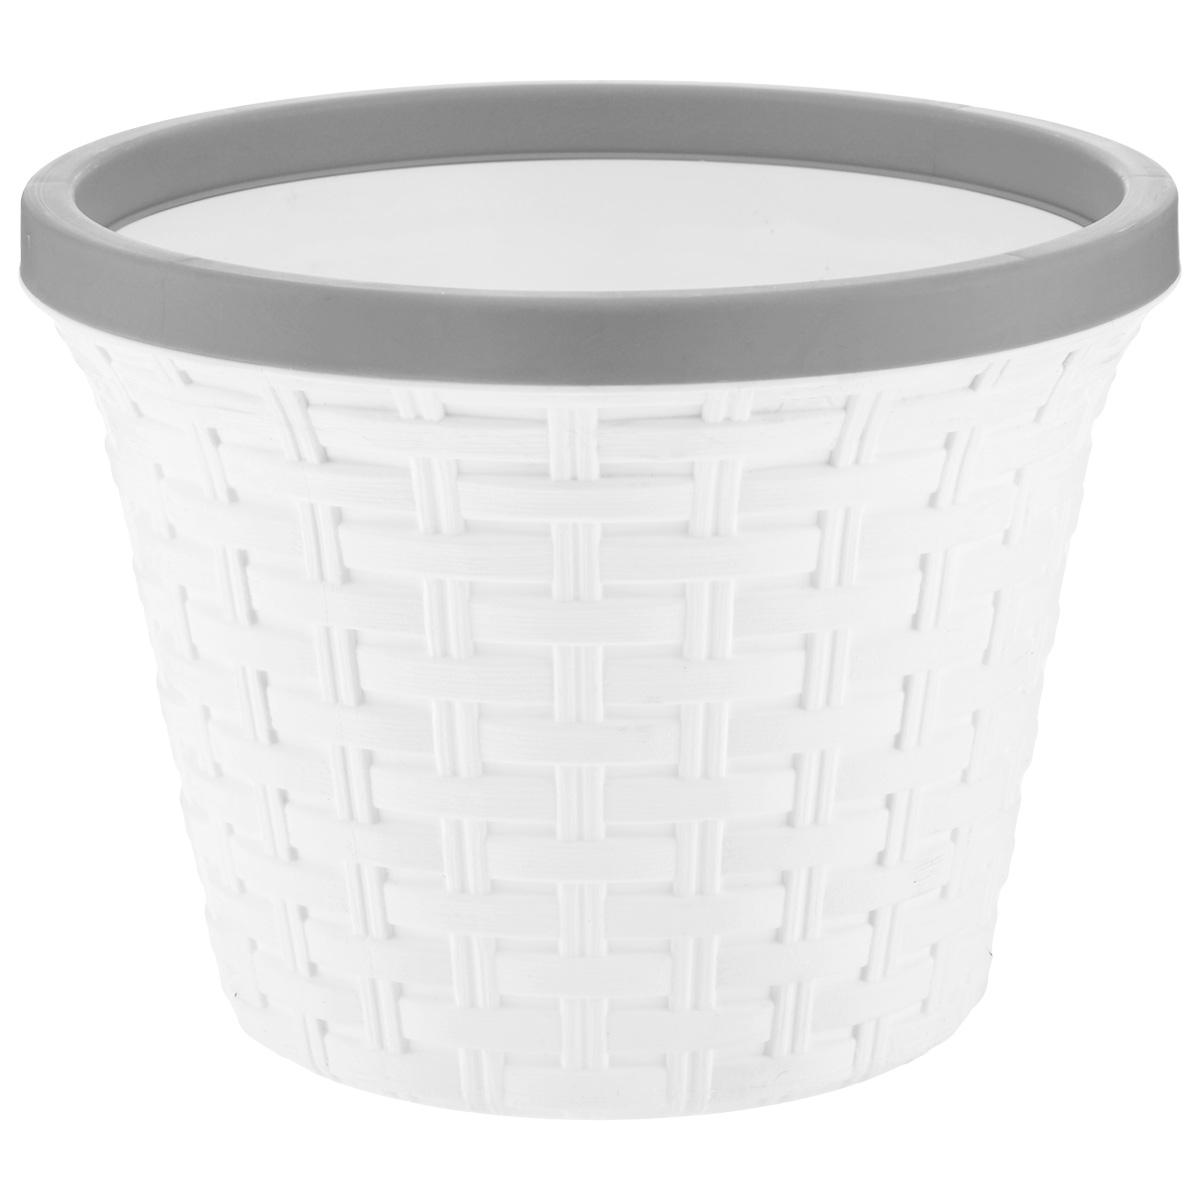 Кашпо Violet Ротанг, с дренажной системой, цвет: белый, 8,8 лKOC_SOL373Кашпо Violet Ротанг изготовлено из высококачественного пластика и оснащено дренажной системой для быстрого отведения избытка воды при поливе. Изделие прекрасно подходит для выращивания растений и цветов в домашних условиях. Лаконичный дизайн впишется в интерьер любого помещения.Объем: 8,8 л.